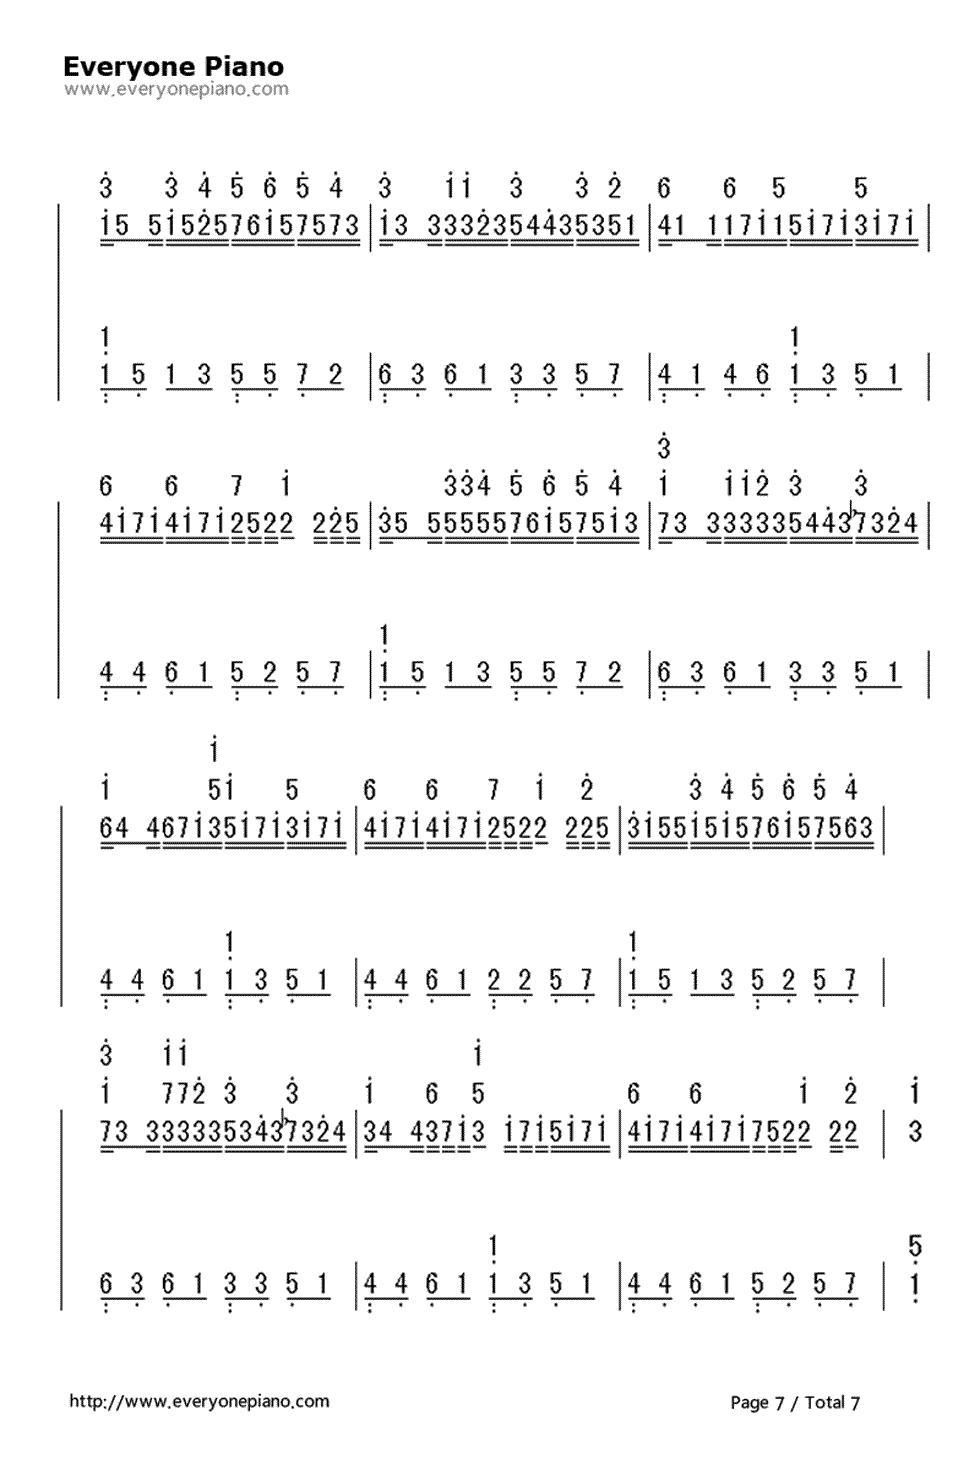 鸿雁c调葫芦丝曲谱-c大调卡农 带力度版双手简谱预览7 钢琴谱档 五线谱 双手简谱 数位谱